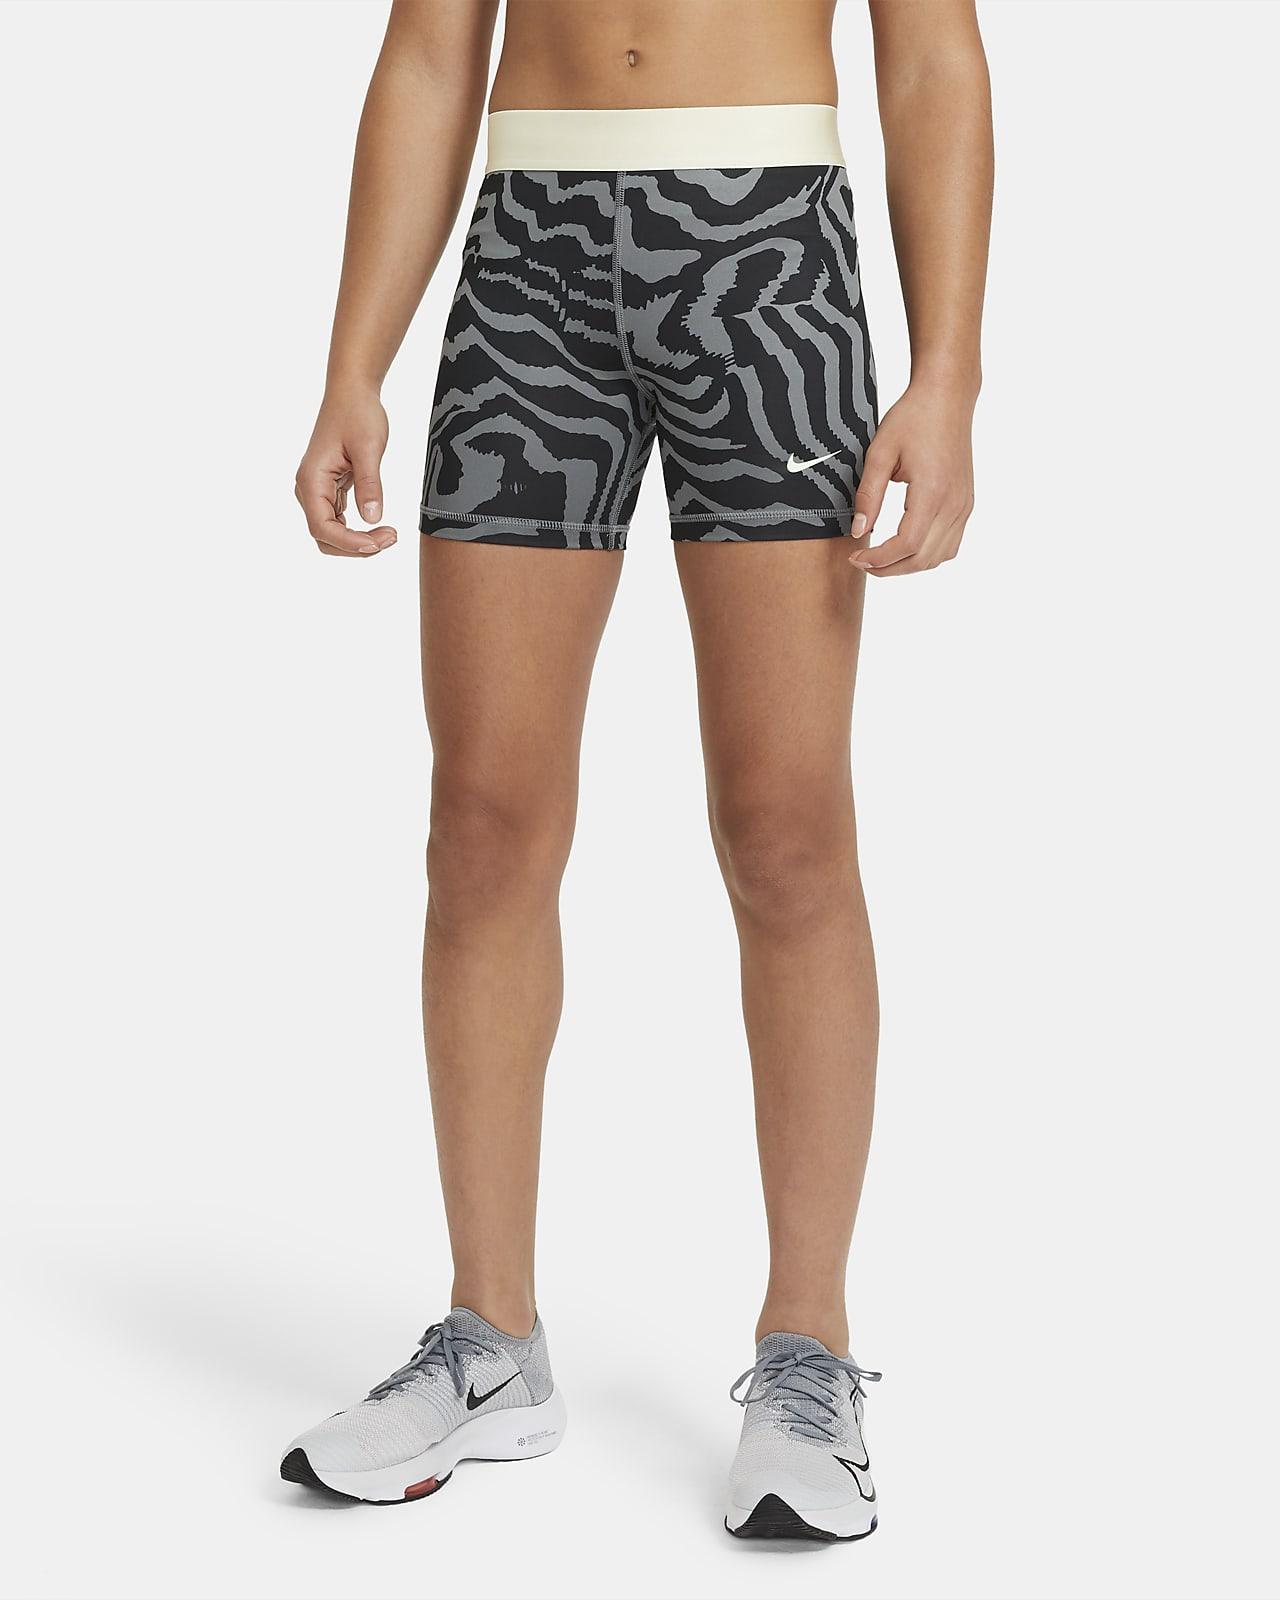 Shorts Nike Pro med tryck 7,5 cm för ungdom (tjejer)